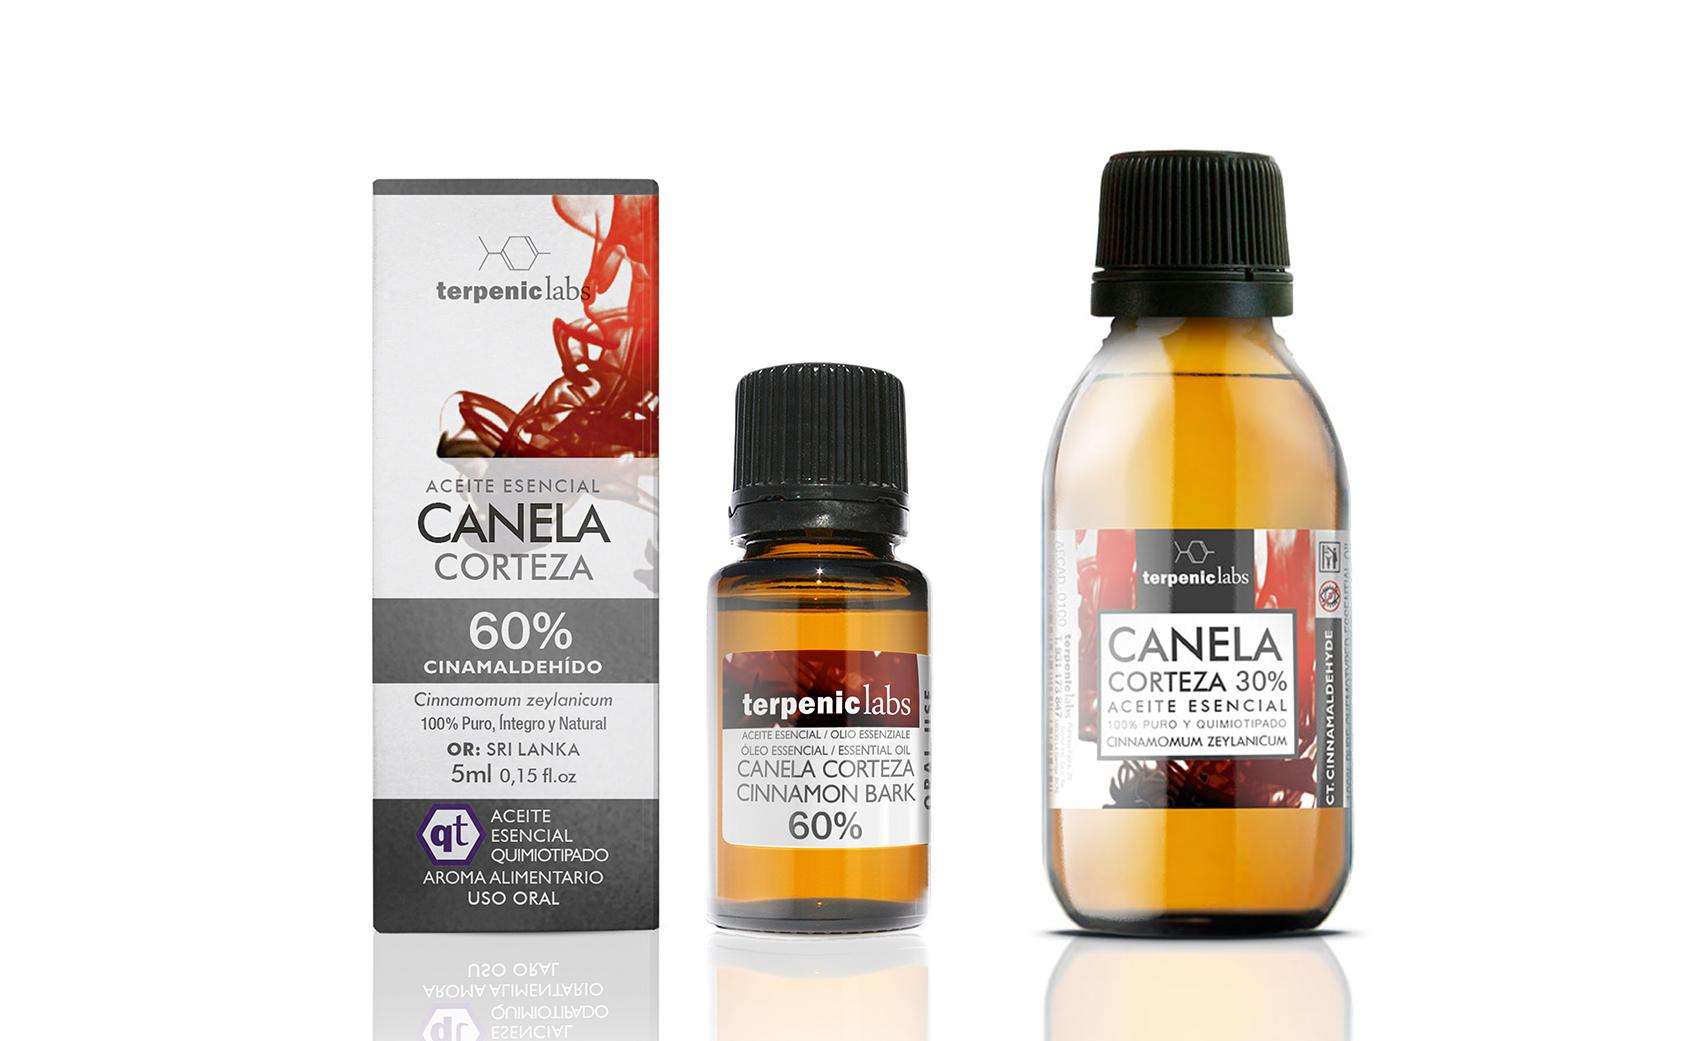 Canela Corteza 60% - Aceite Esencial